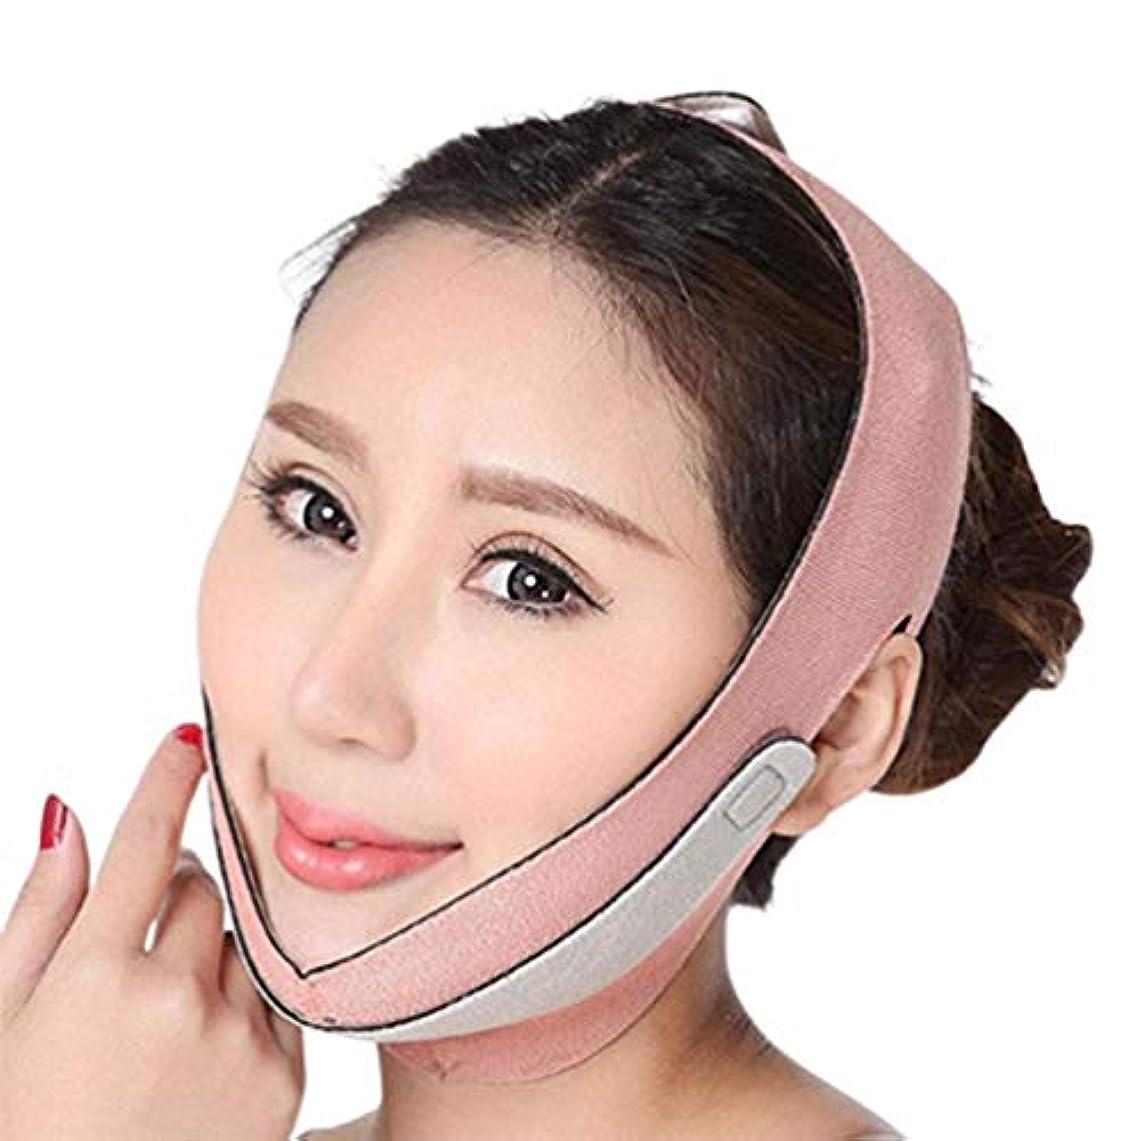 ダブルチンストラップ、フェイススリミングマスクVフェイスベルトフェイスリフトバンデージリフトチンチンチークネックコンプレッションスリムスリミングバンデージ通気性Vラインマスク